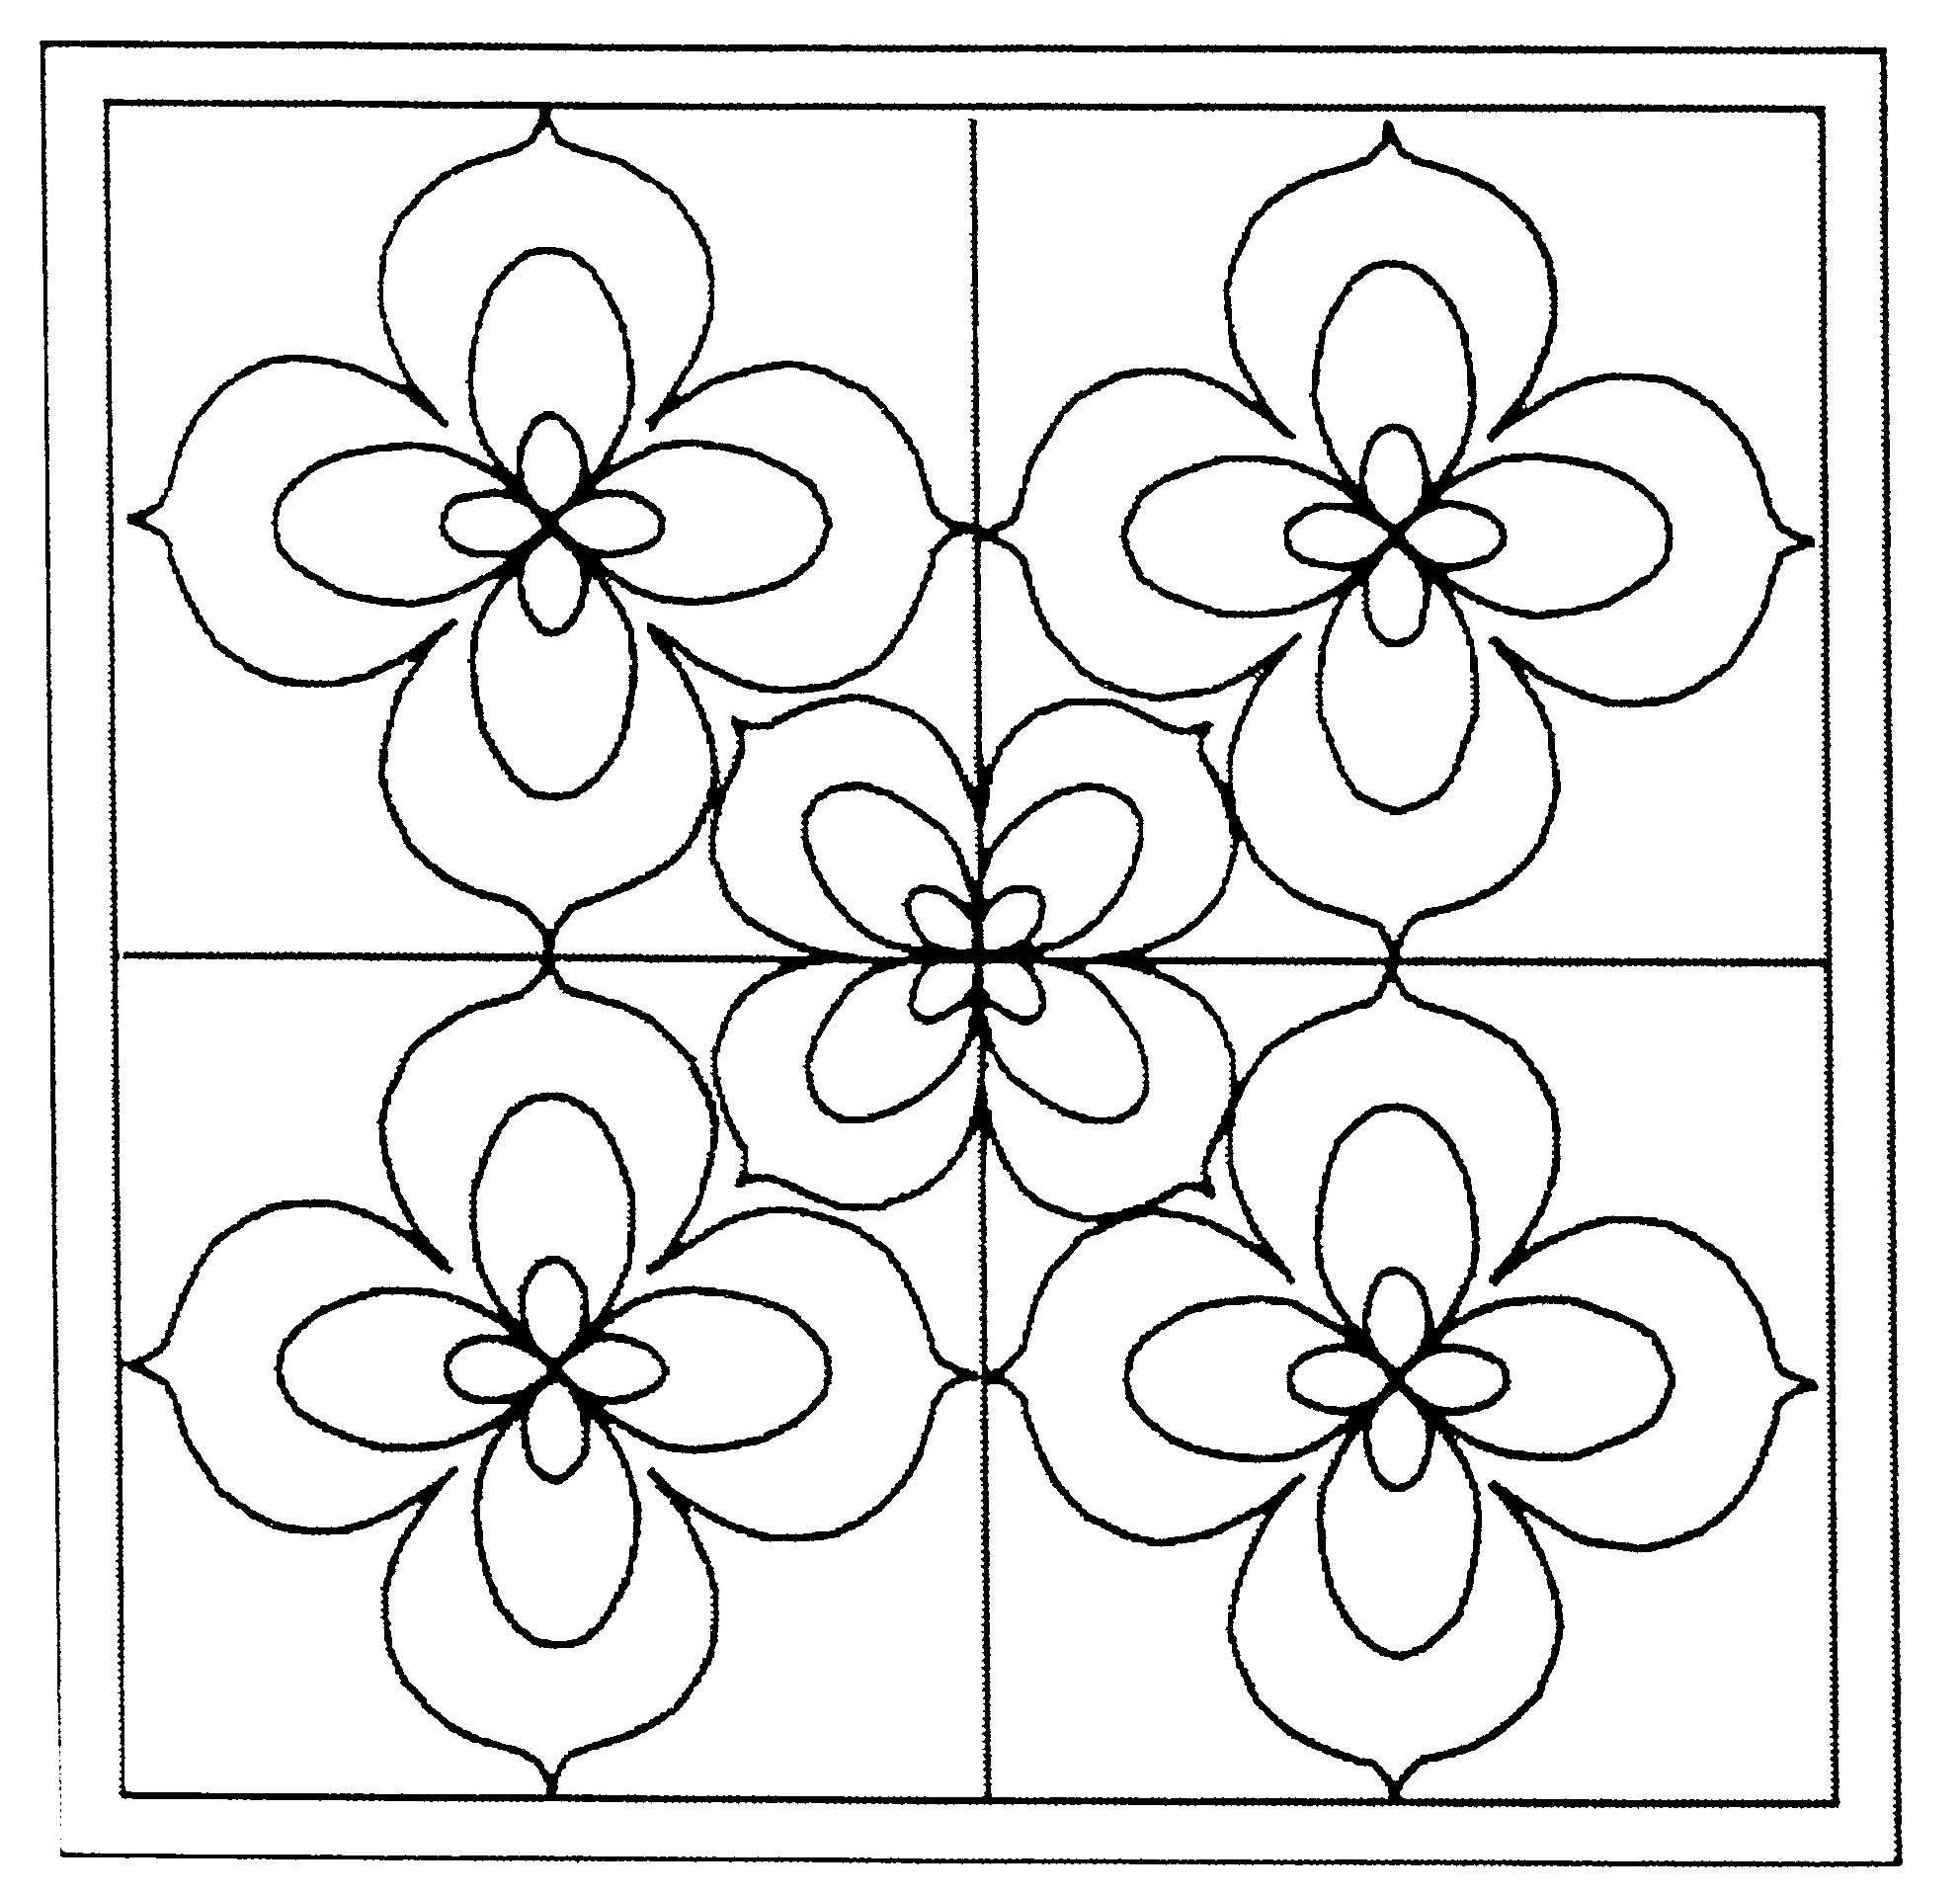 Coloriage du vitrail avec les fleurs de Lys | Sequence | Pinterest ...